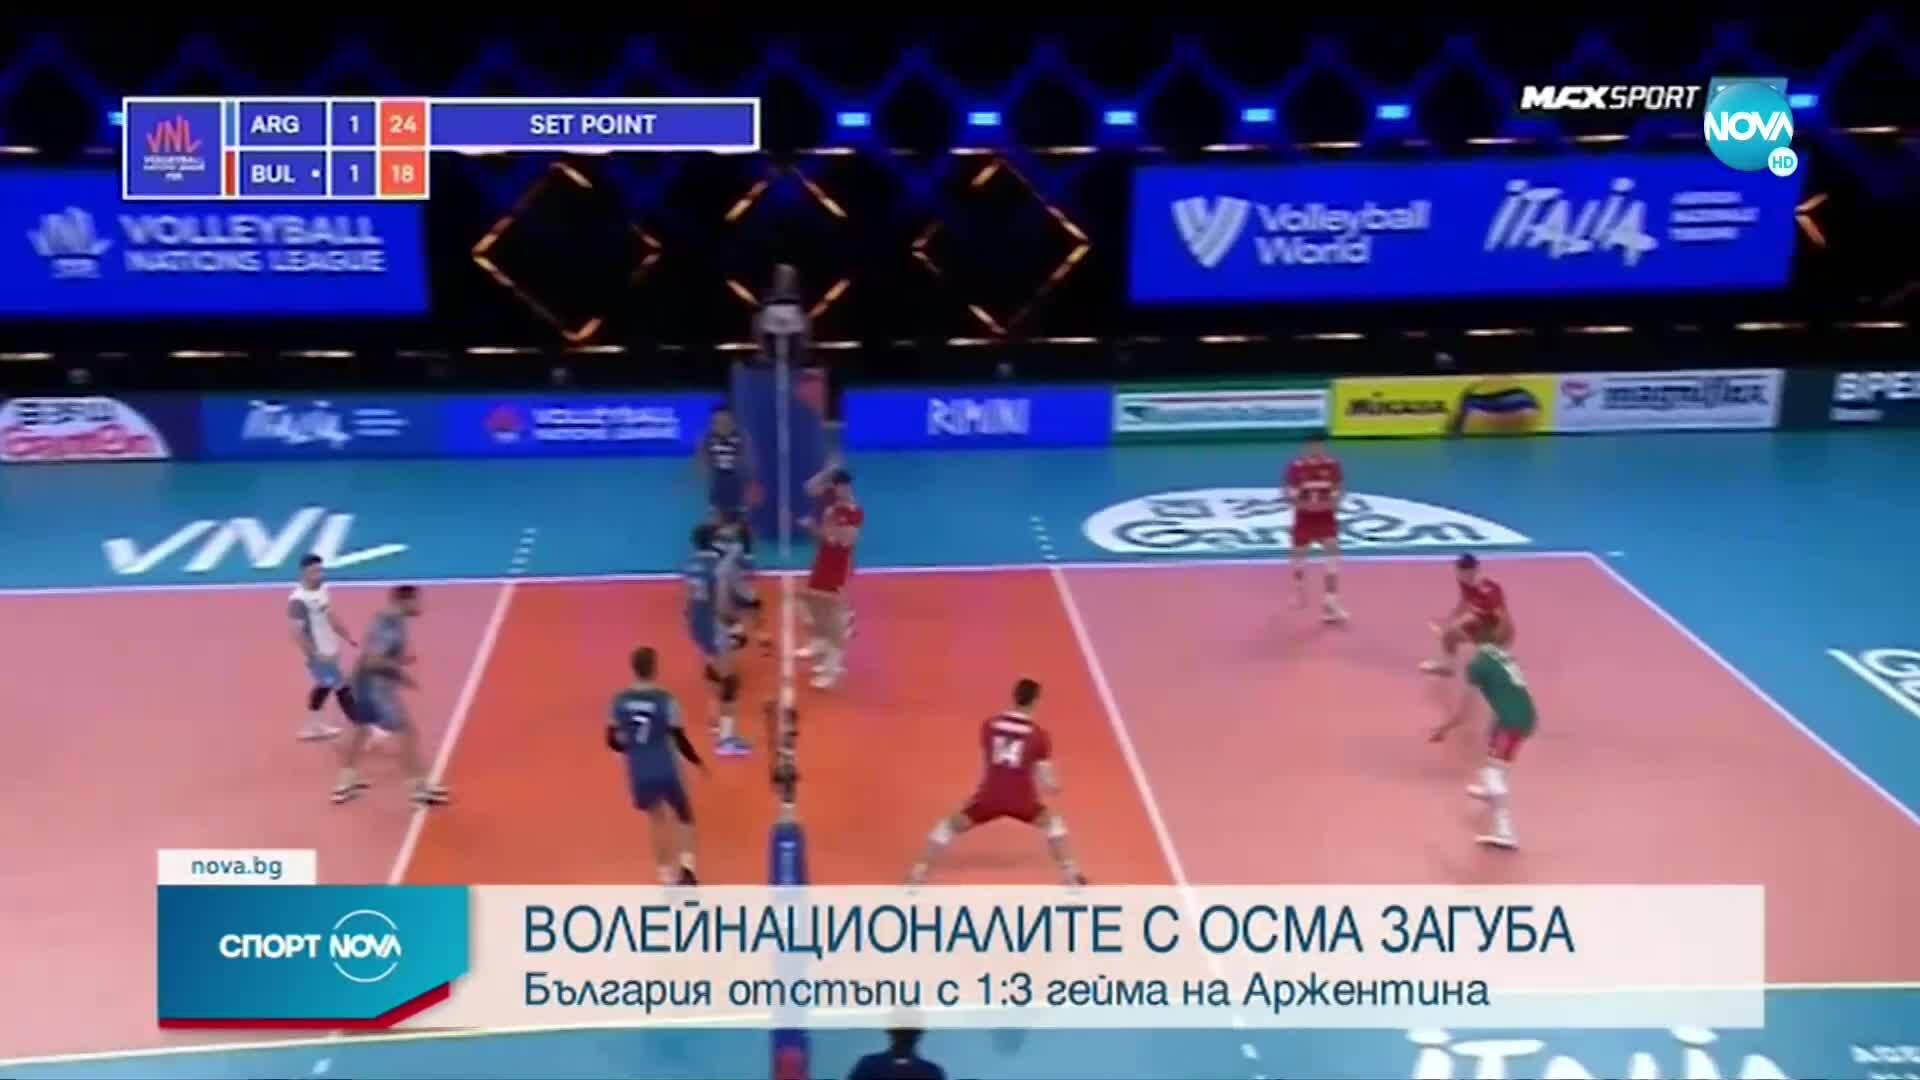 България игра силно, но записа осма загуба в Лигата на нациите